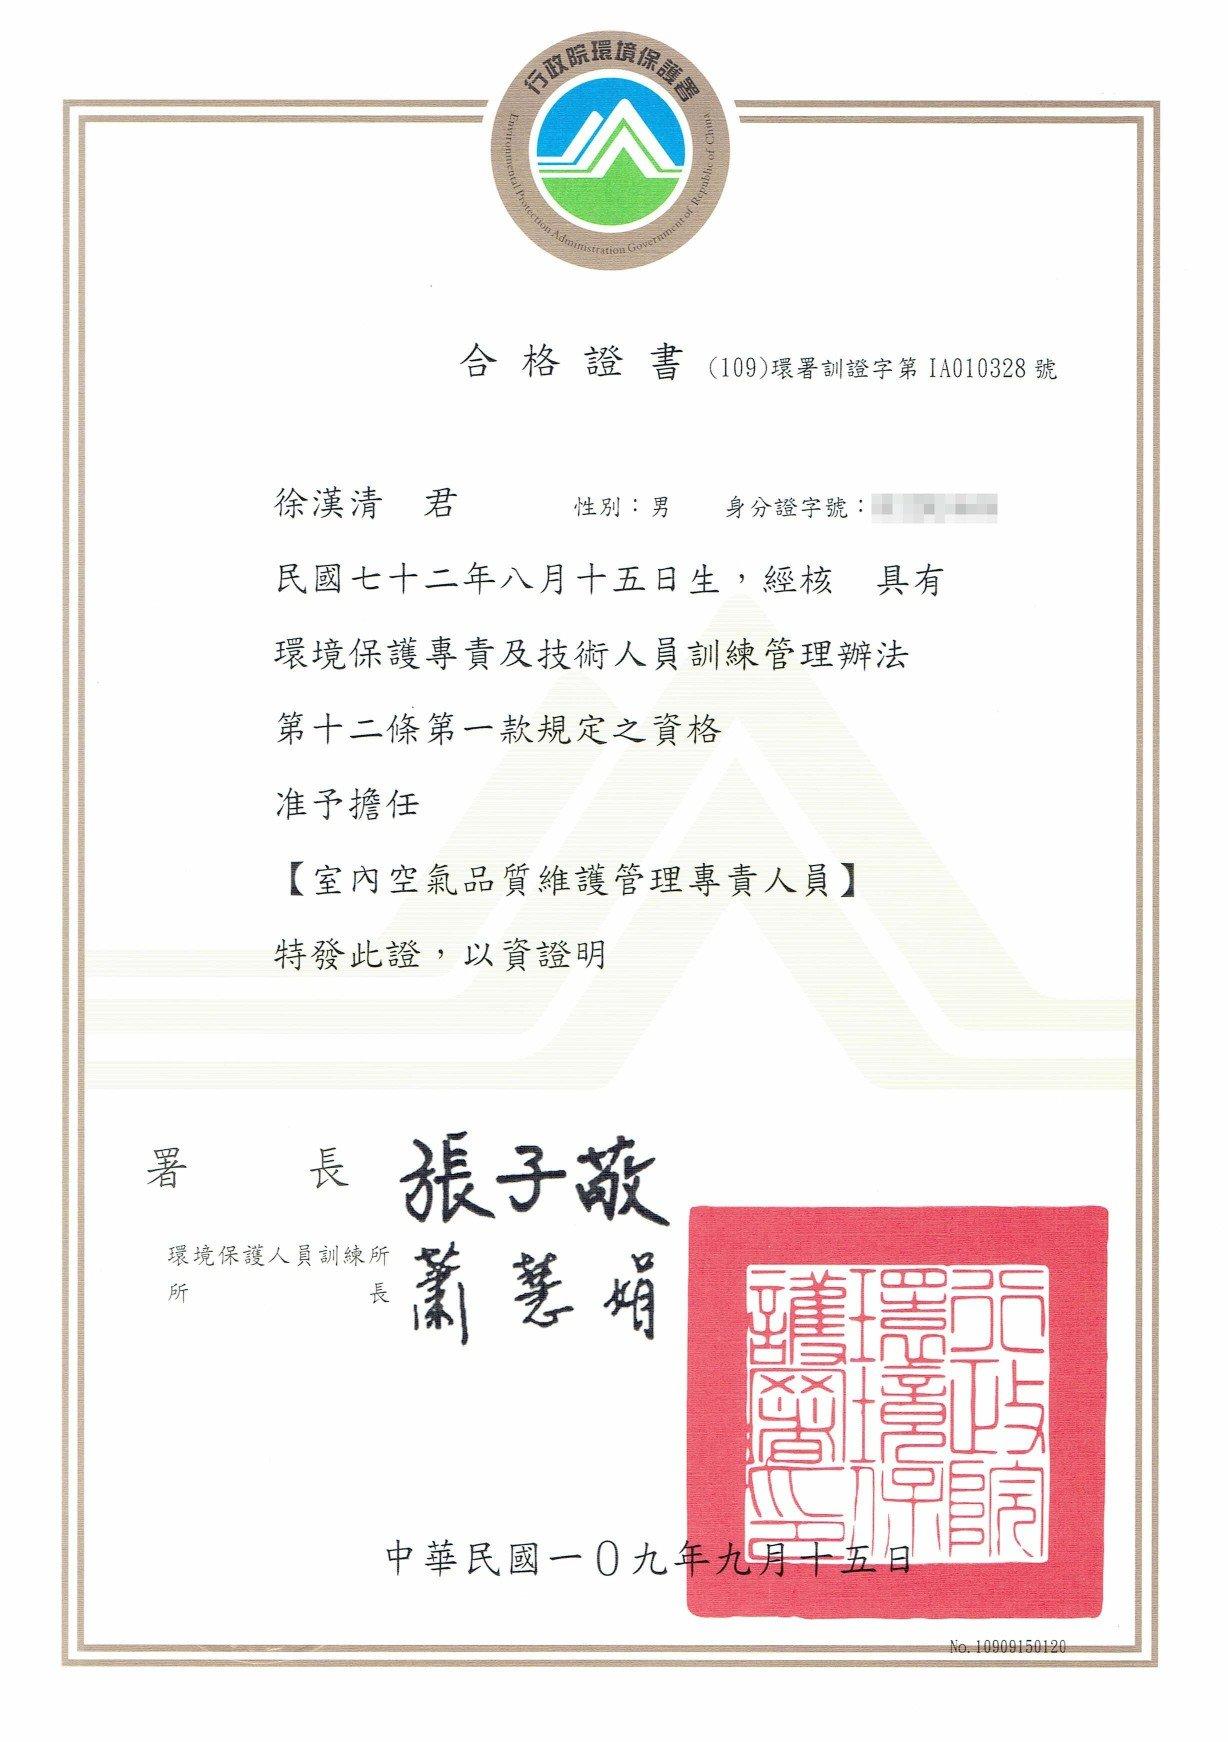 潔肯國際環保有限公司,徐漢清室內空氣品質專業技術人員證照